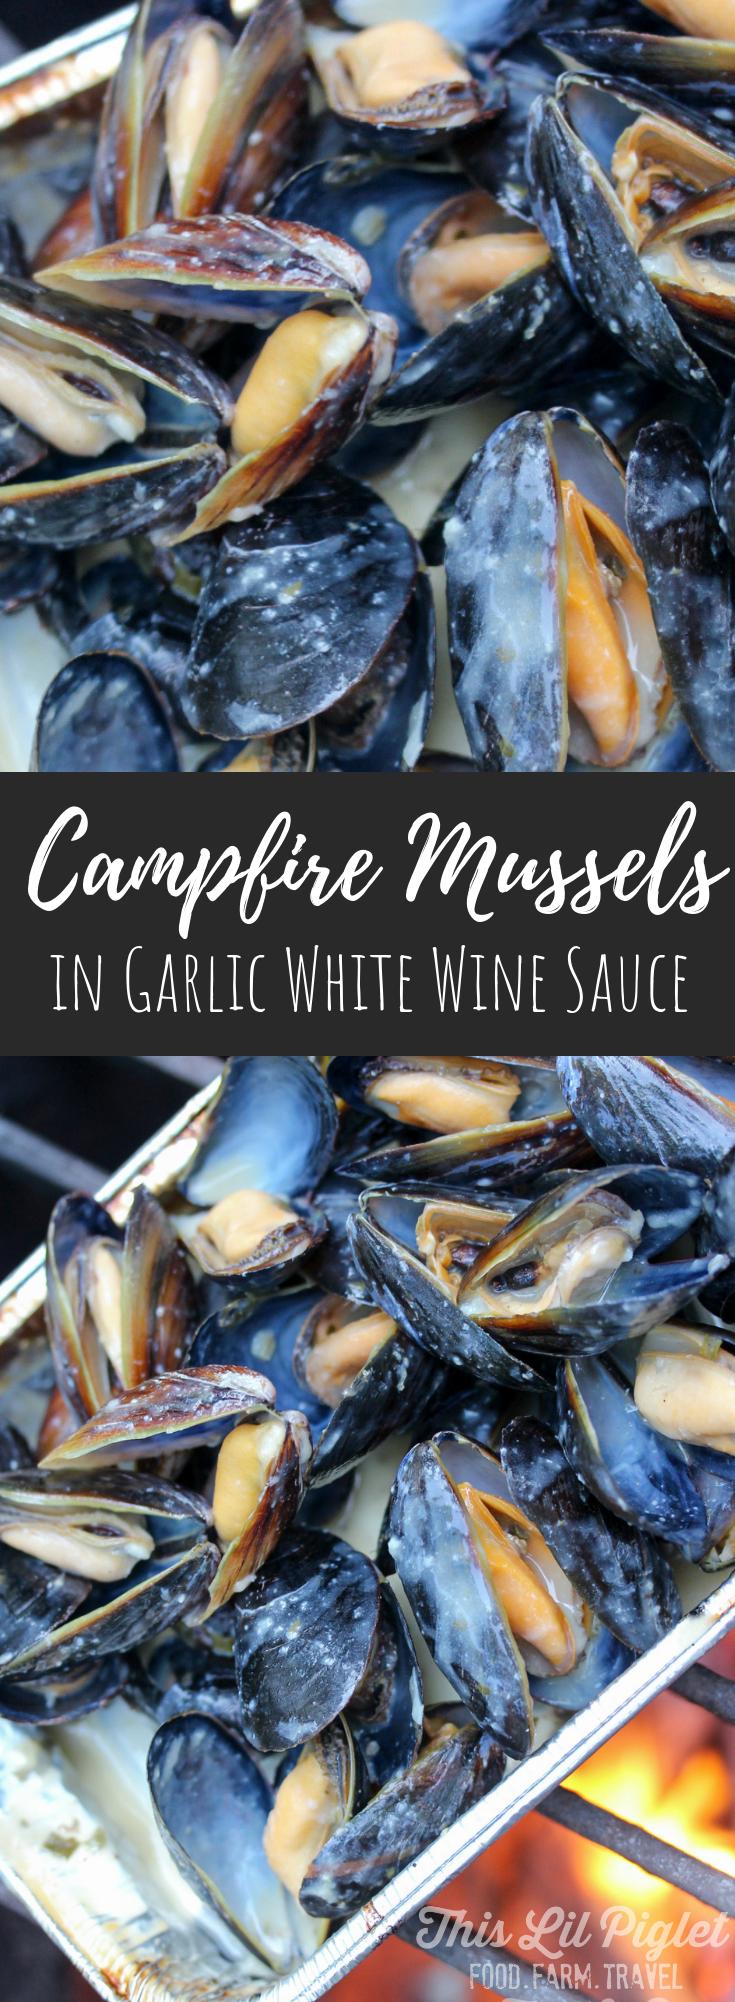 Campfire Mussels in Garlic White Wine Sauce // thislilpiglet.net